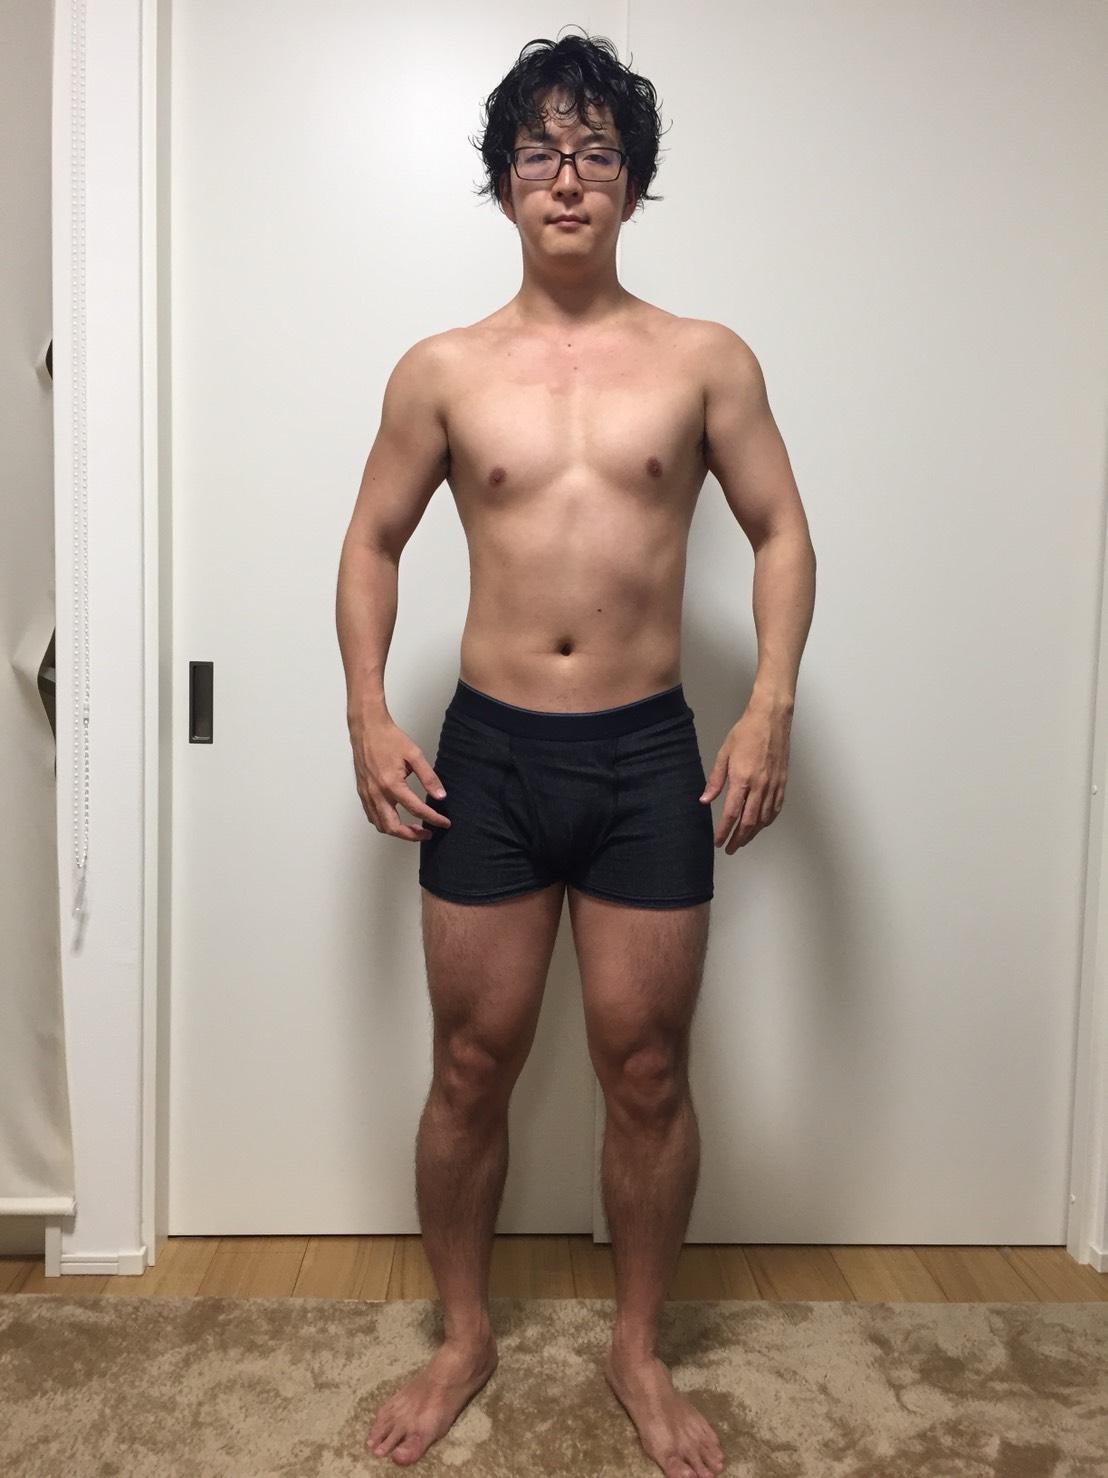 2018年5月15日時点の正面からの様子。相変わらず腹筋はないが、徐々に筋肉が見えてくるようになった。